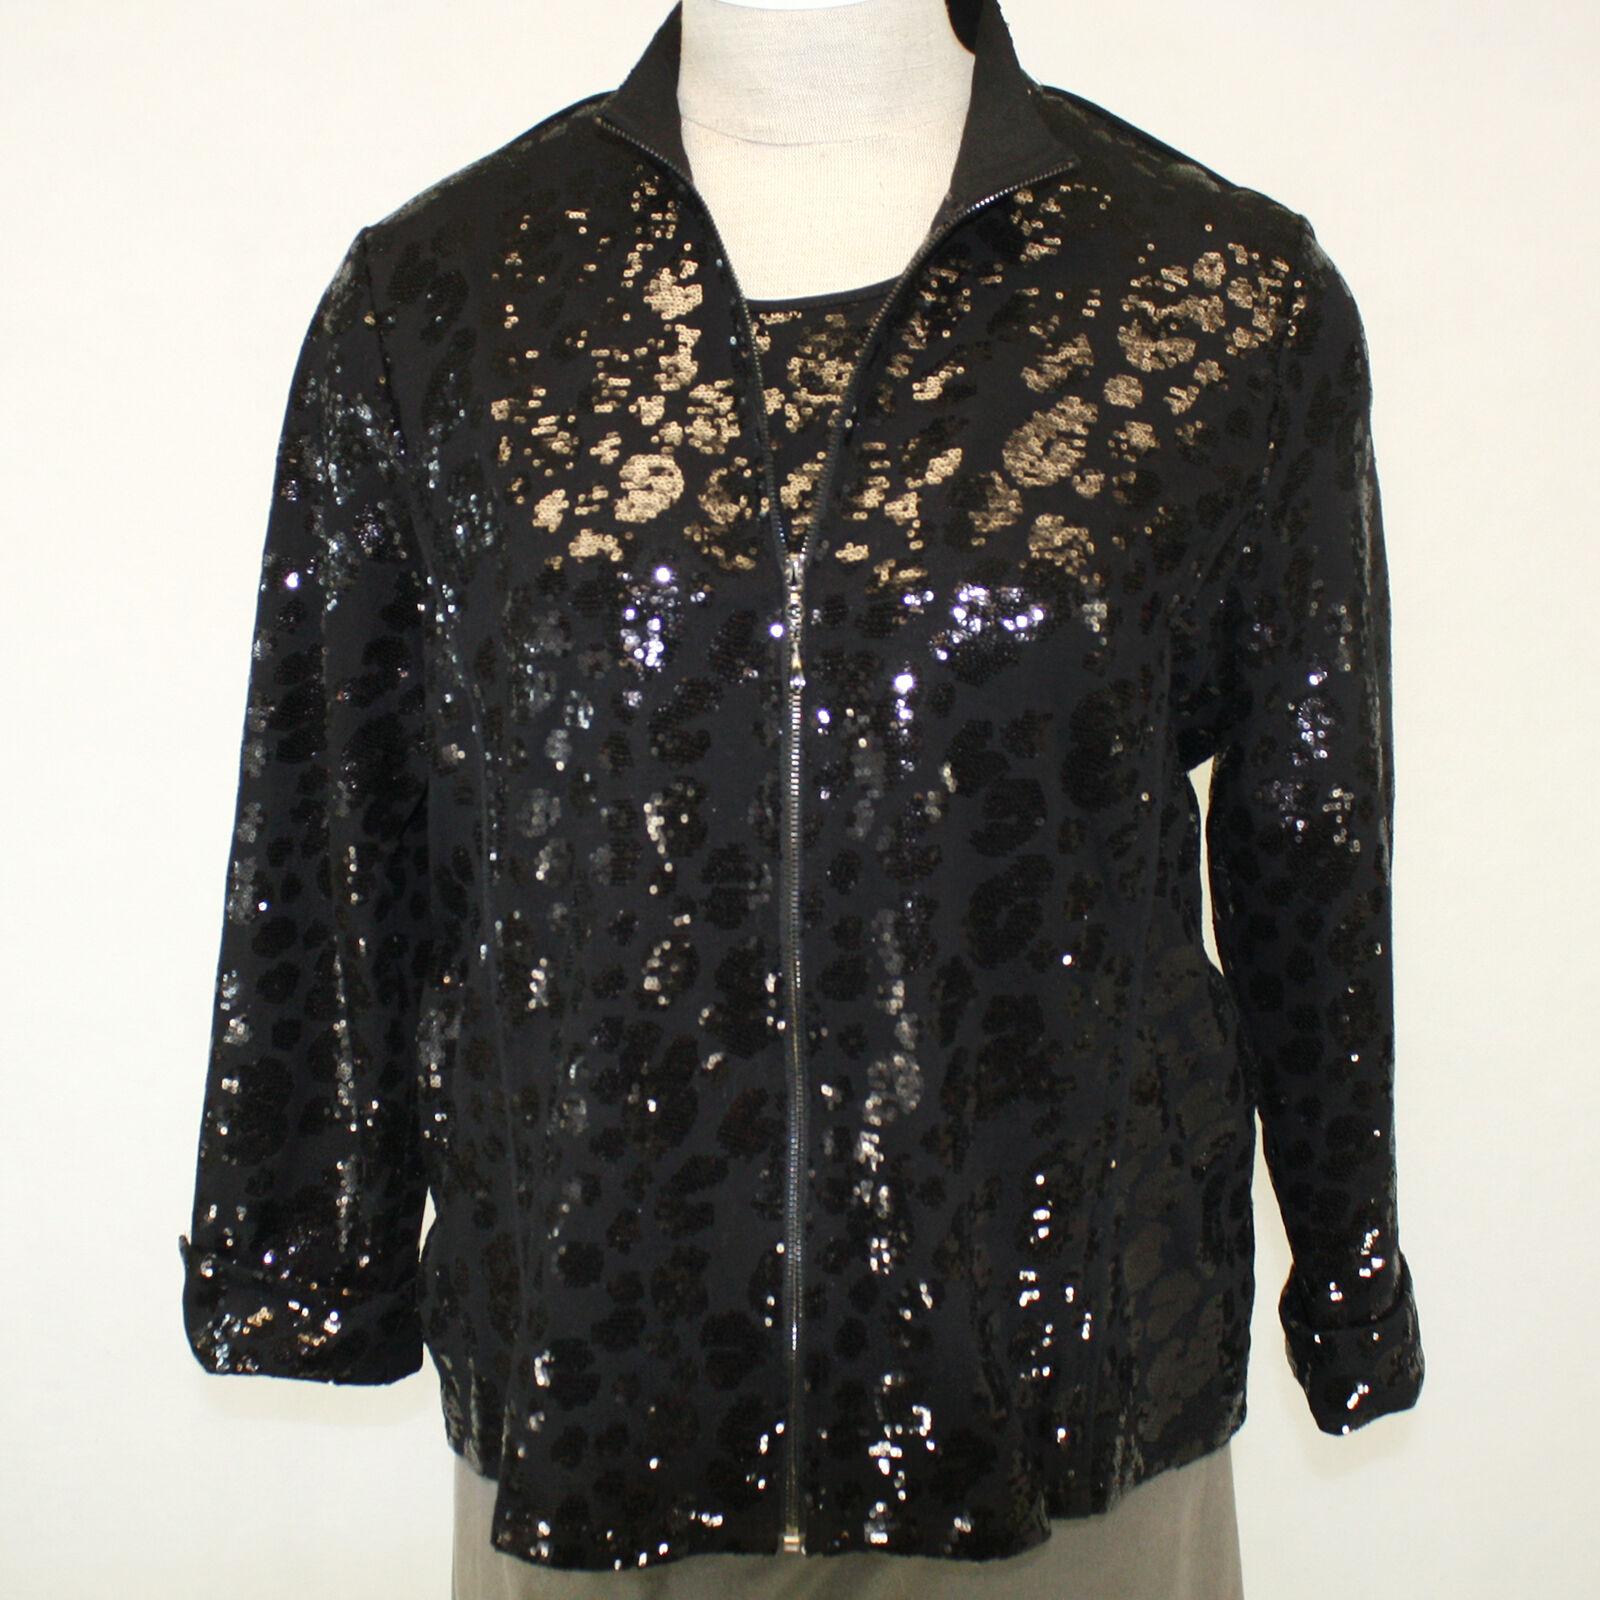 NEW NWT Berek Plus Größe Daytime Shine schwarz Sequin Zip Jacket Blouse Top 2X